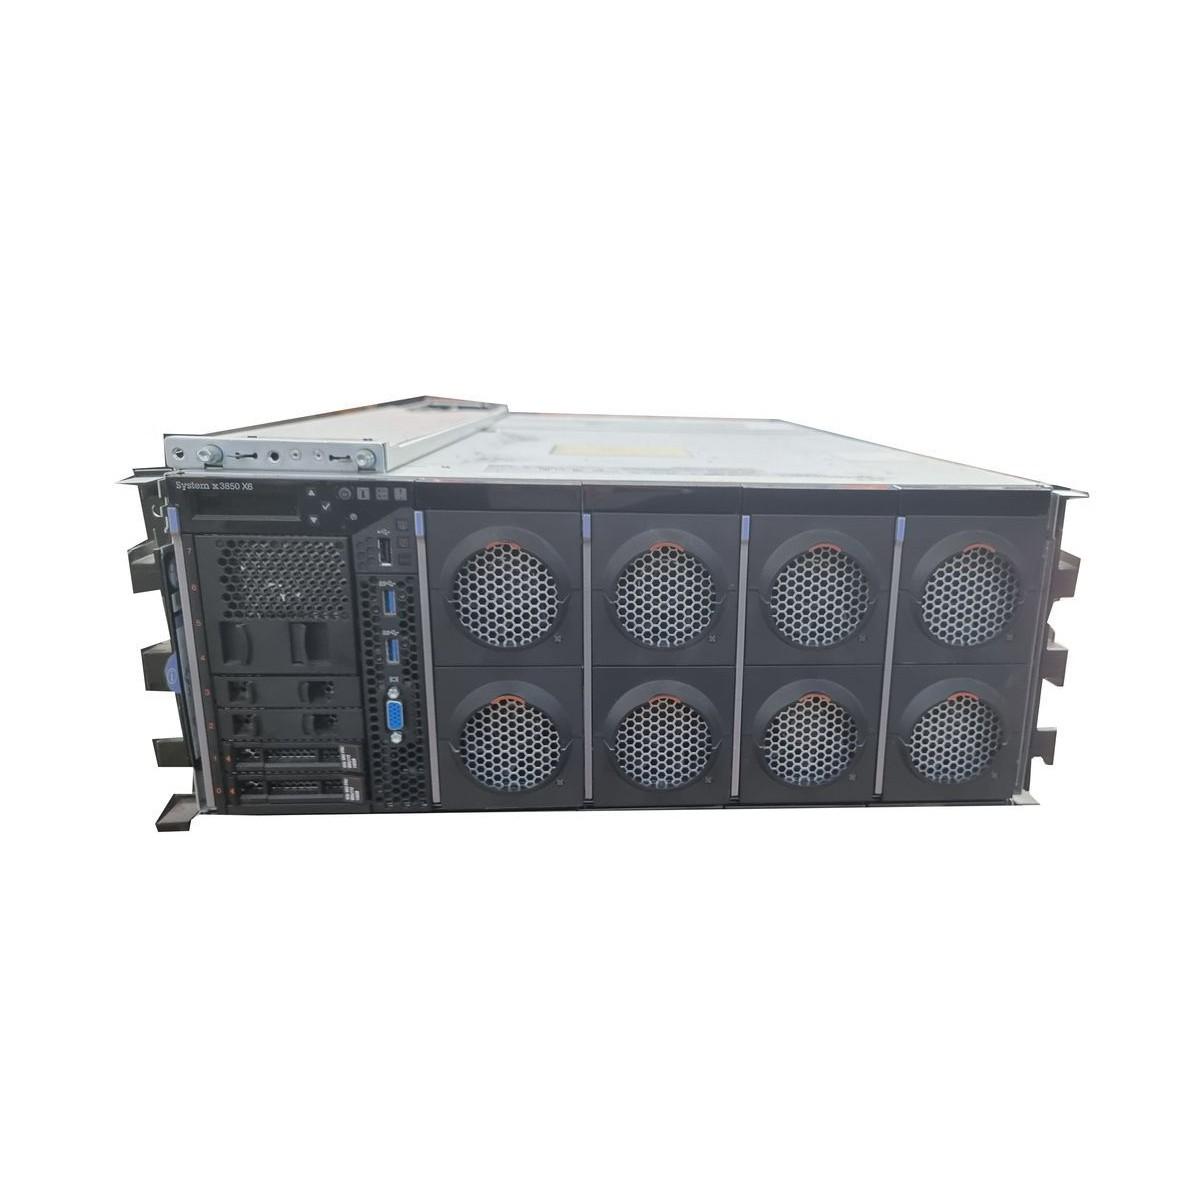 IBM x3850 x6 4xE7-4890 v2 64GB 2x500GB 2x2TB SSD